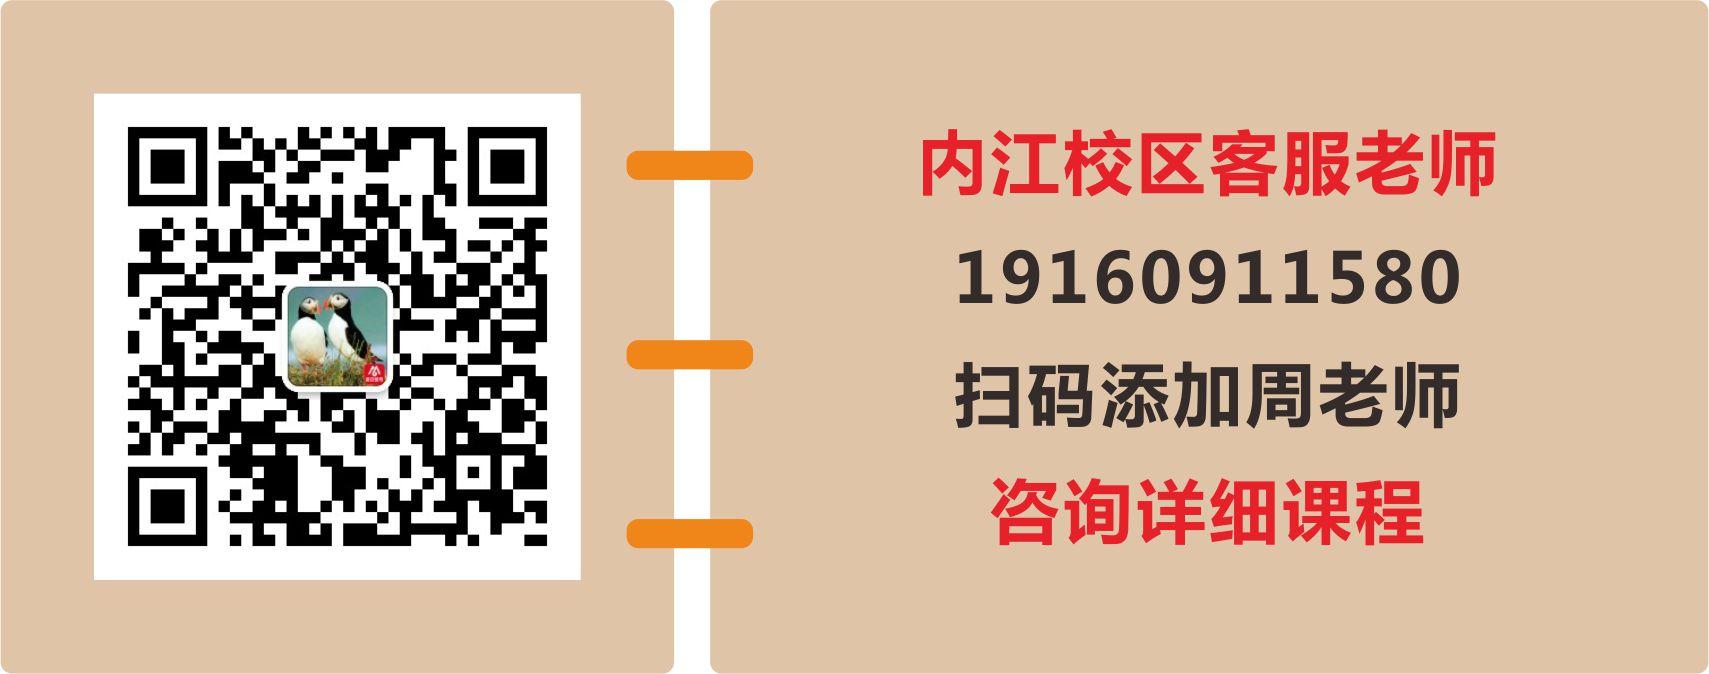 2020年6月6日上午北京市考面试真题(图9)